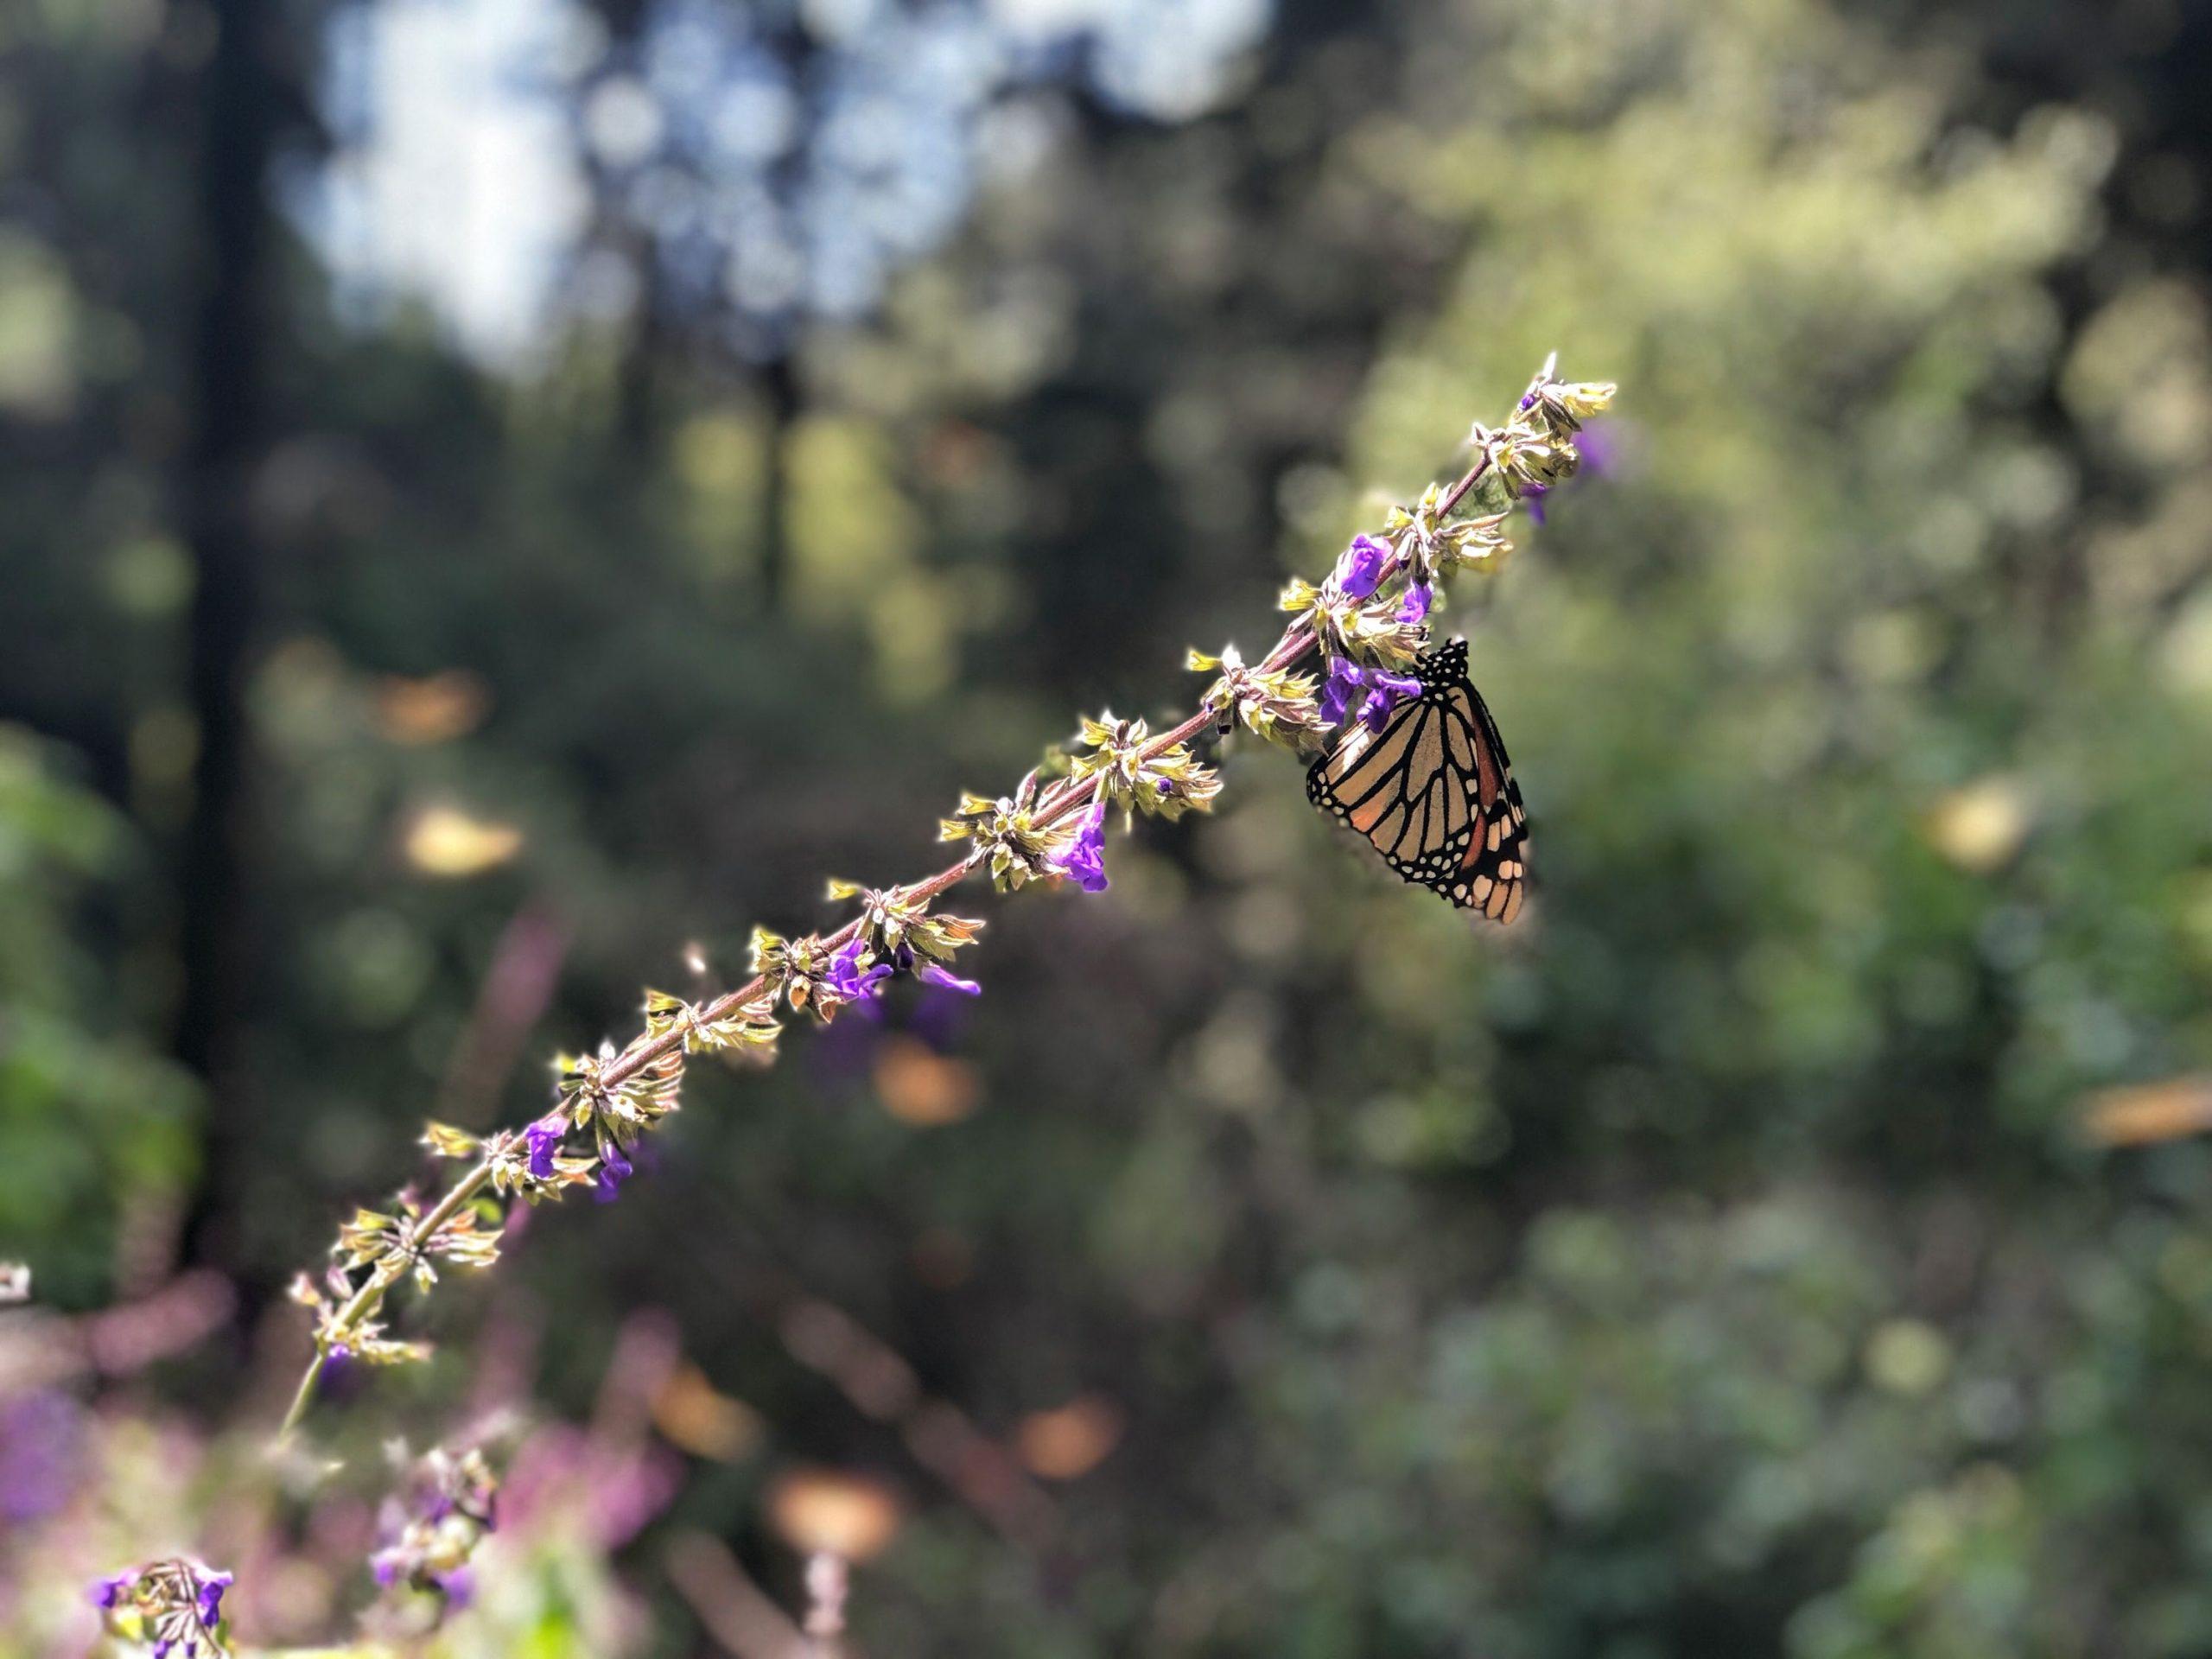 single monarch butterfly resting on a purple flower